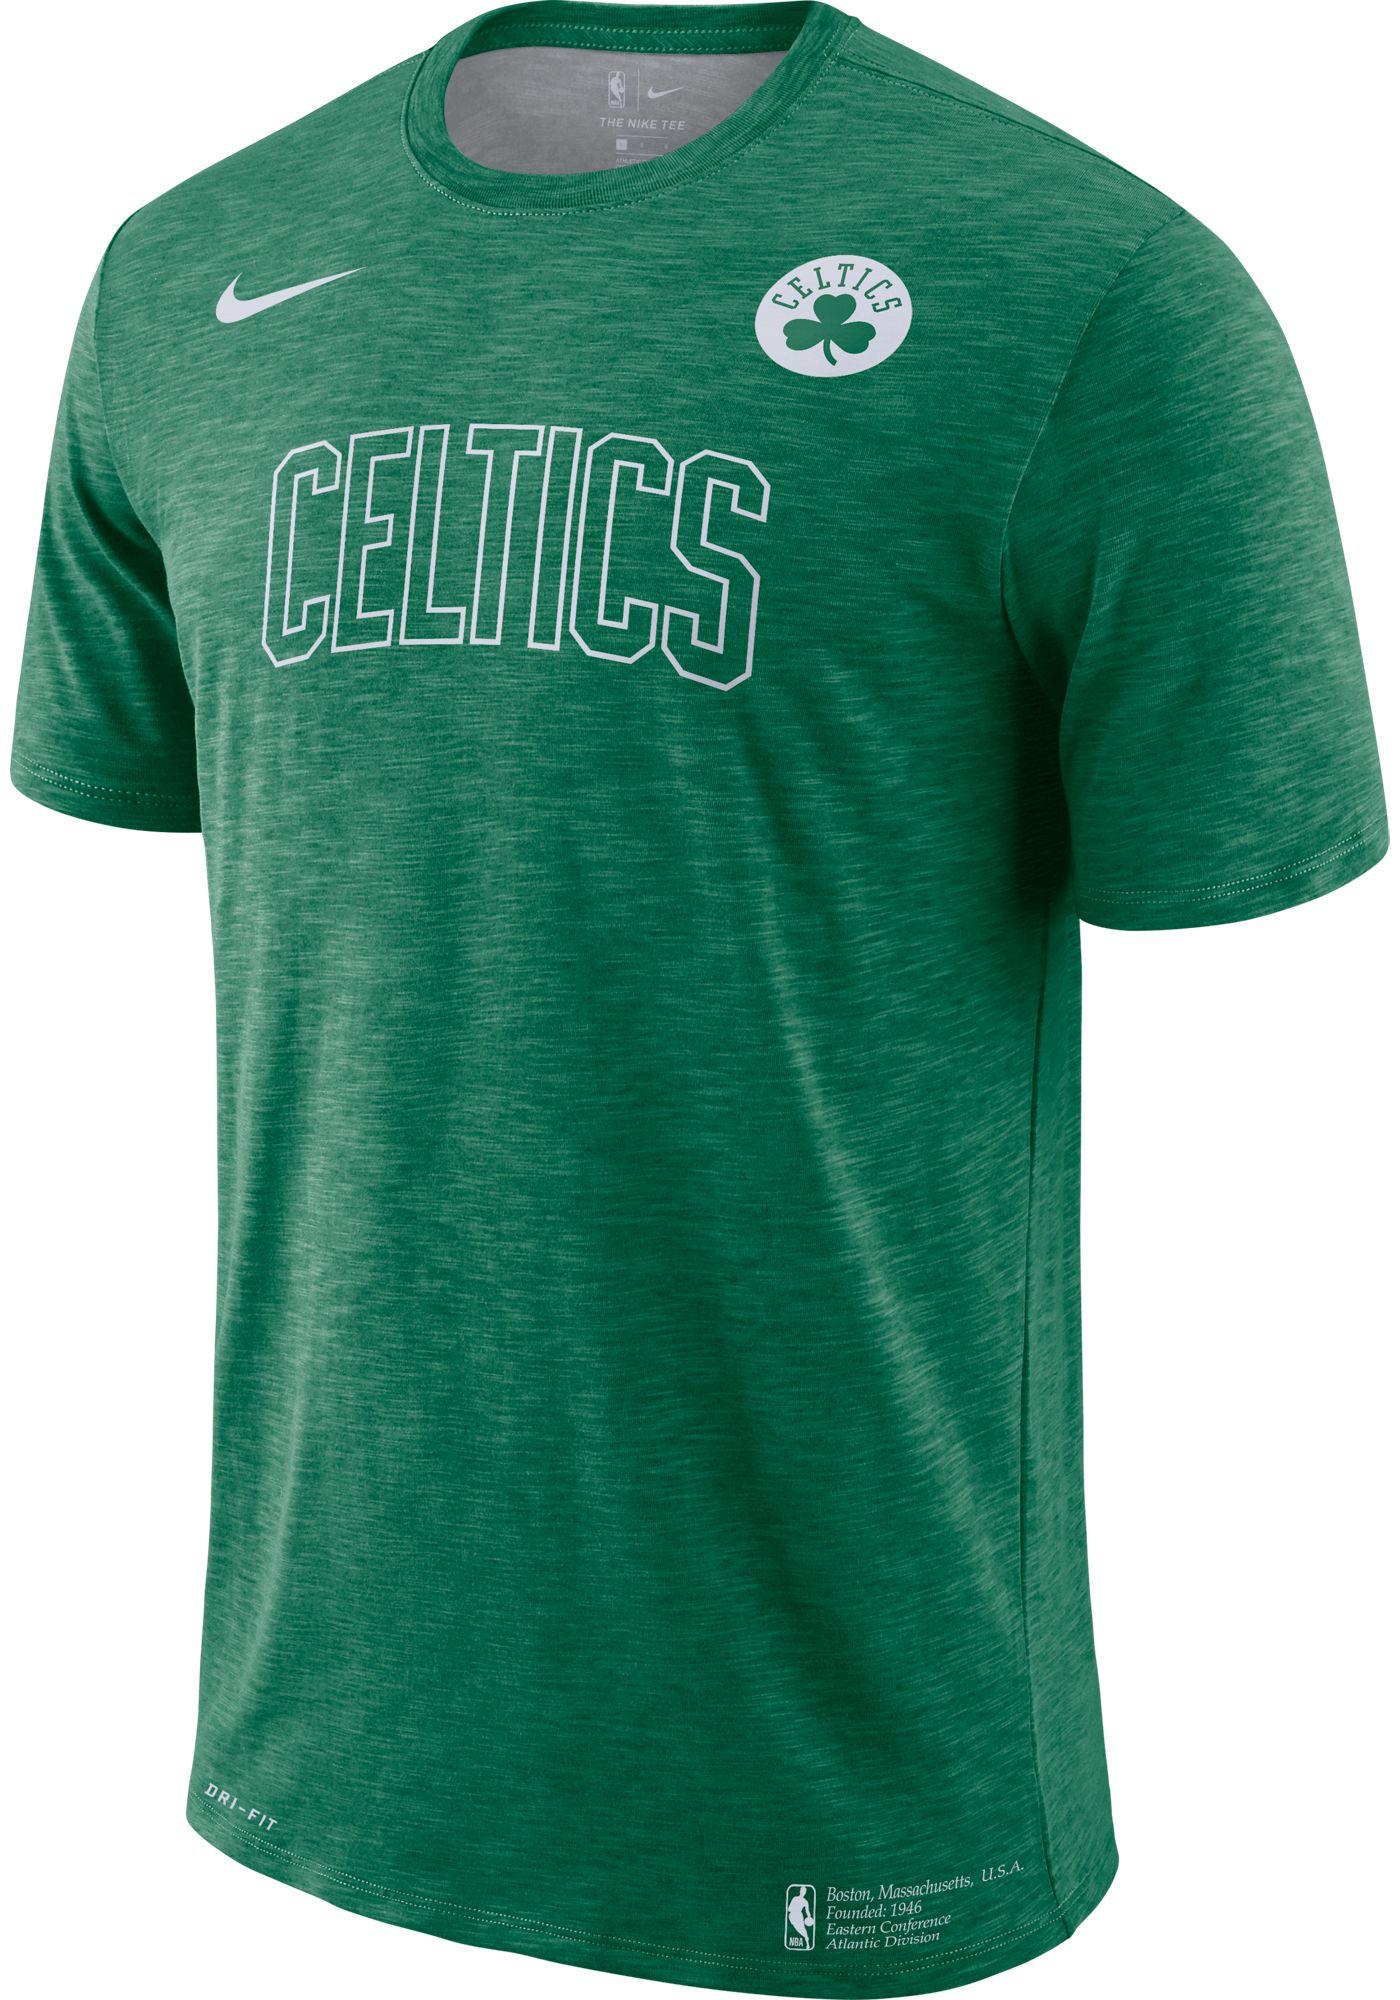 Nike Men's Boston Celtics Dri-FIT Facility T-Shirt